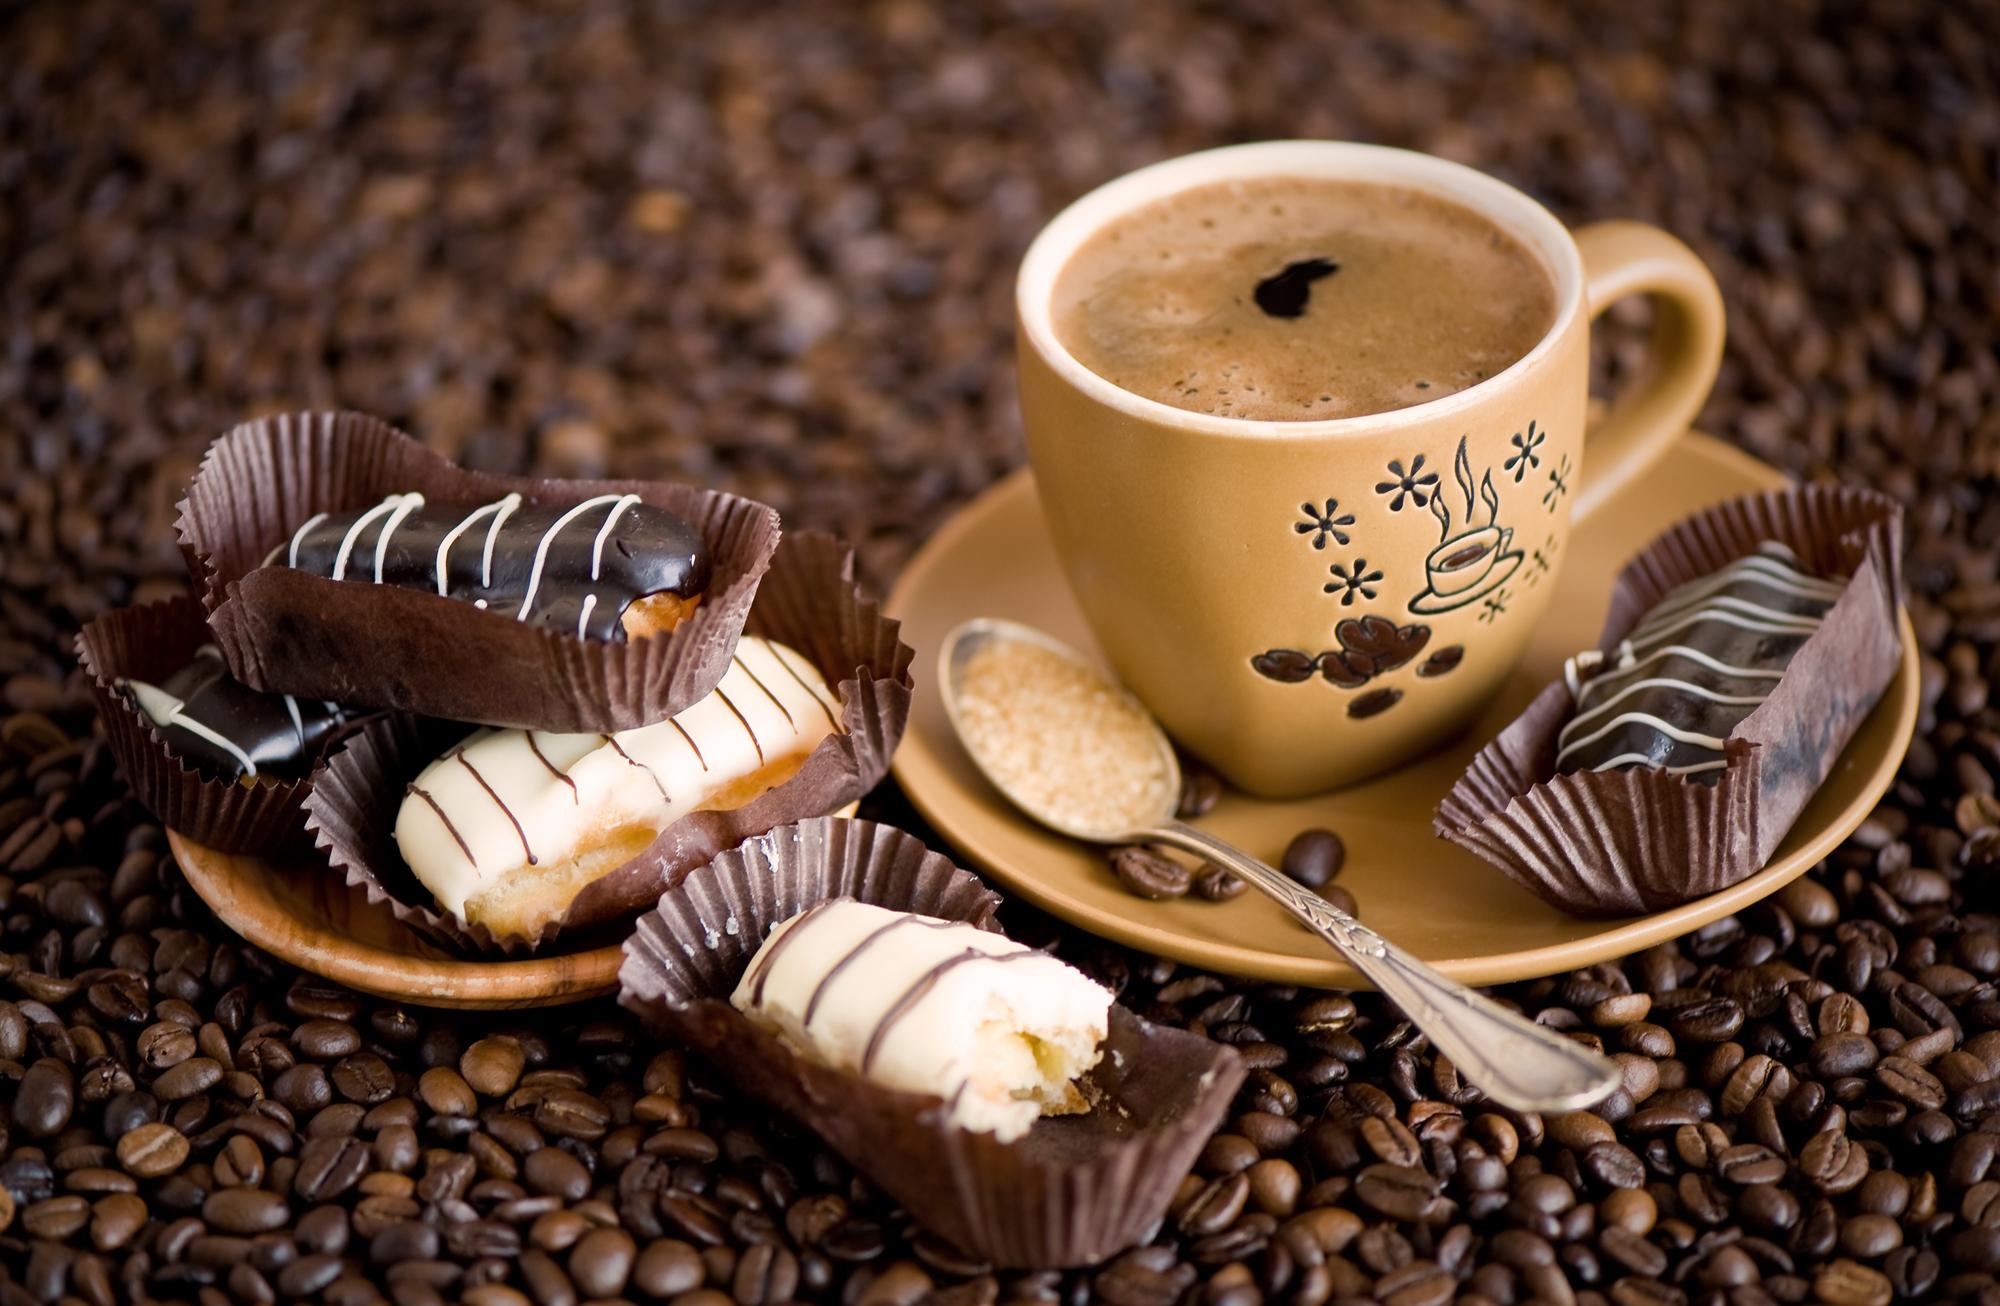 Cupcakes De Cafe Expresso